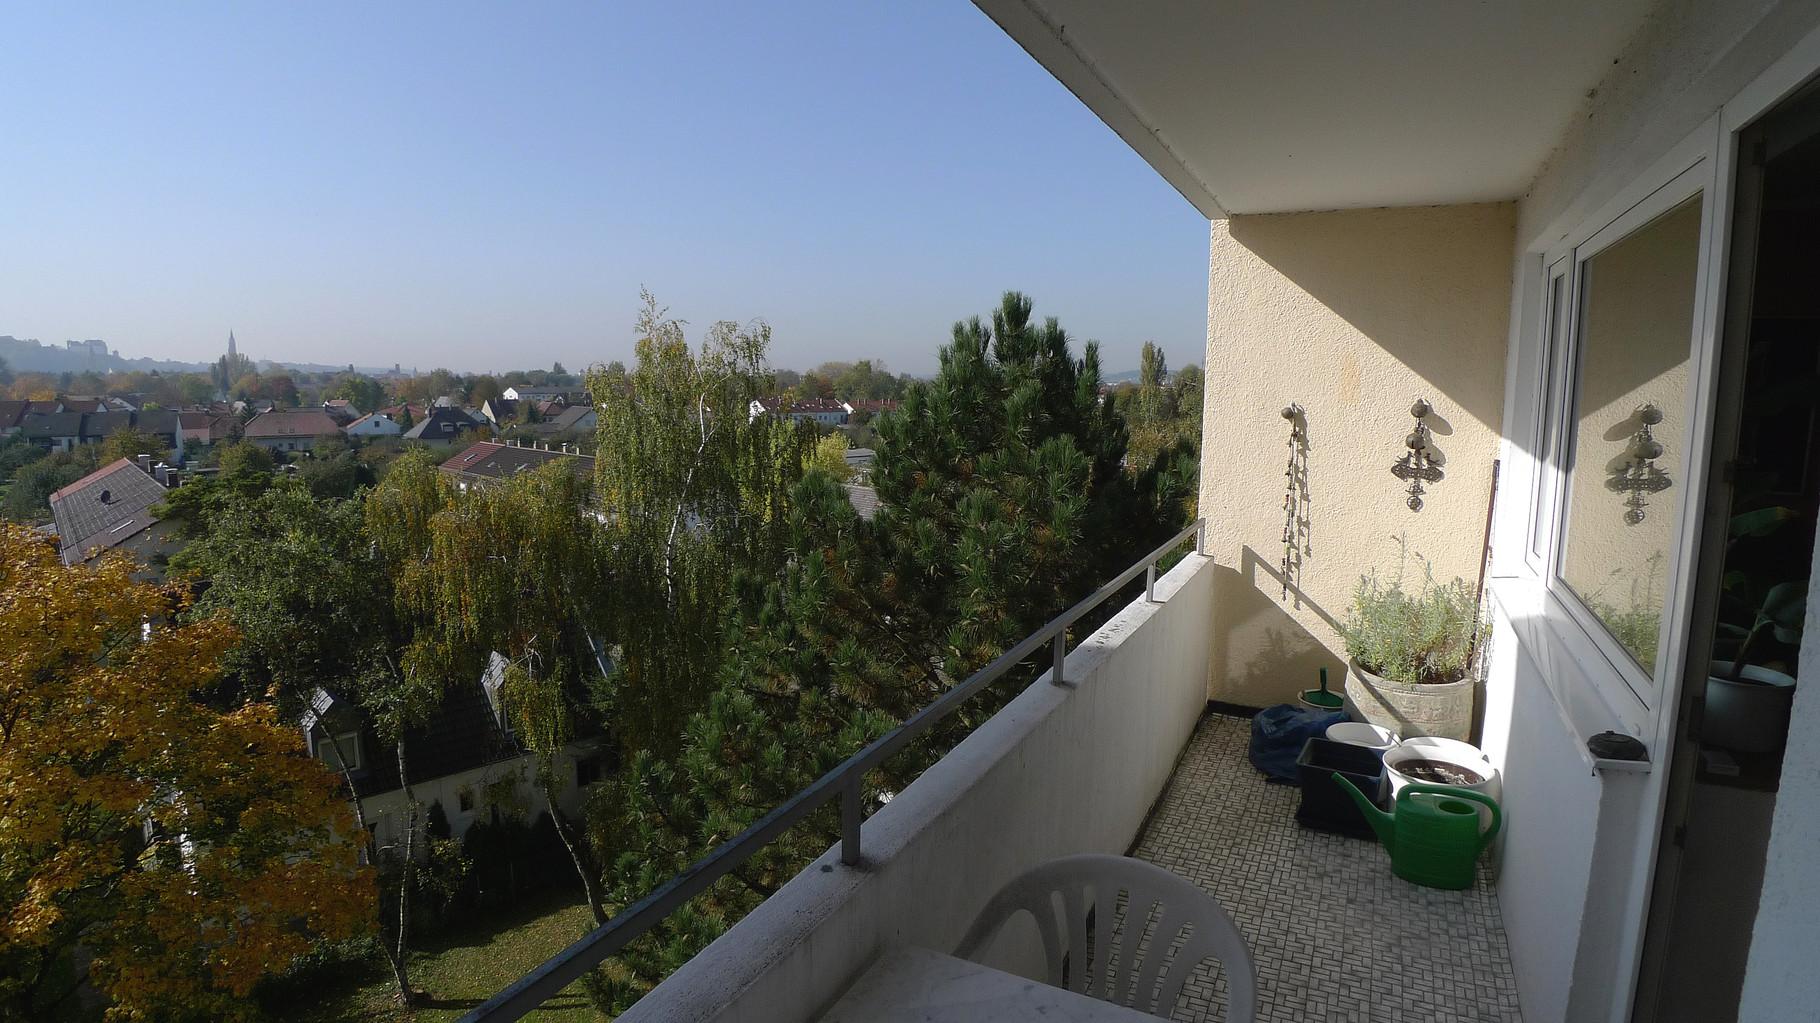 3-Zimmer-Wohnung in 84028 Landshut